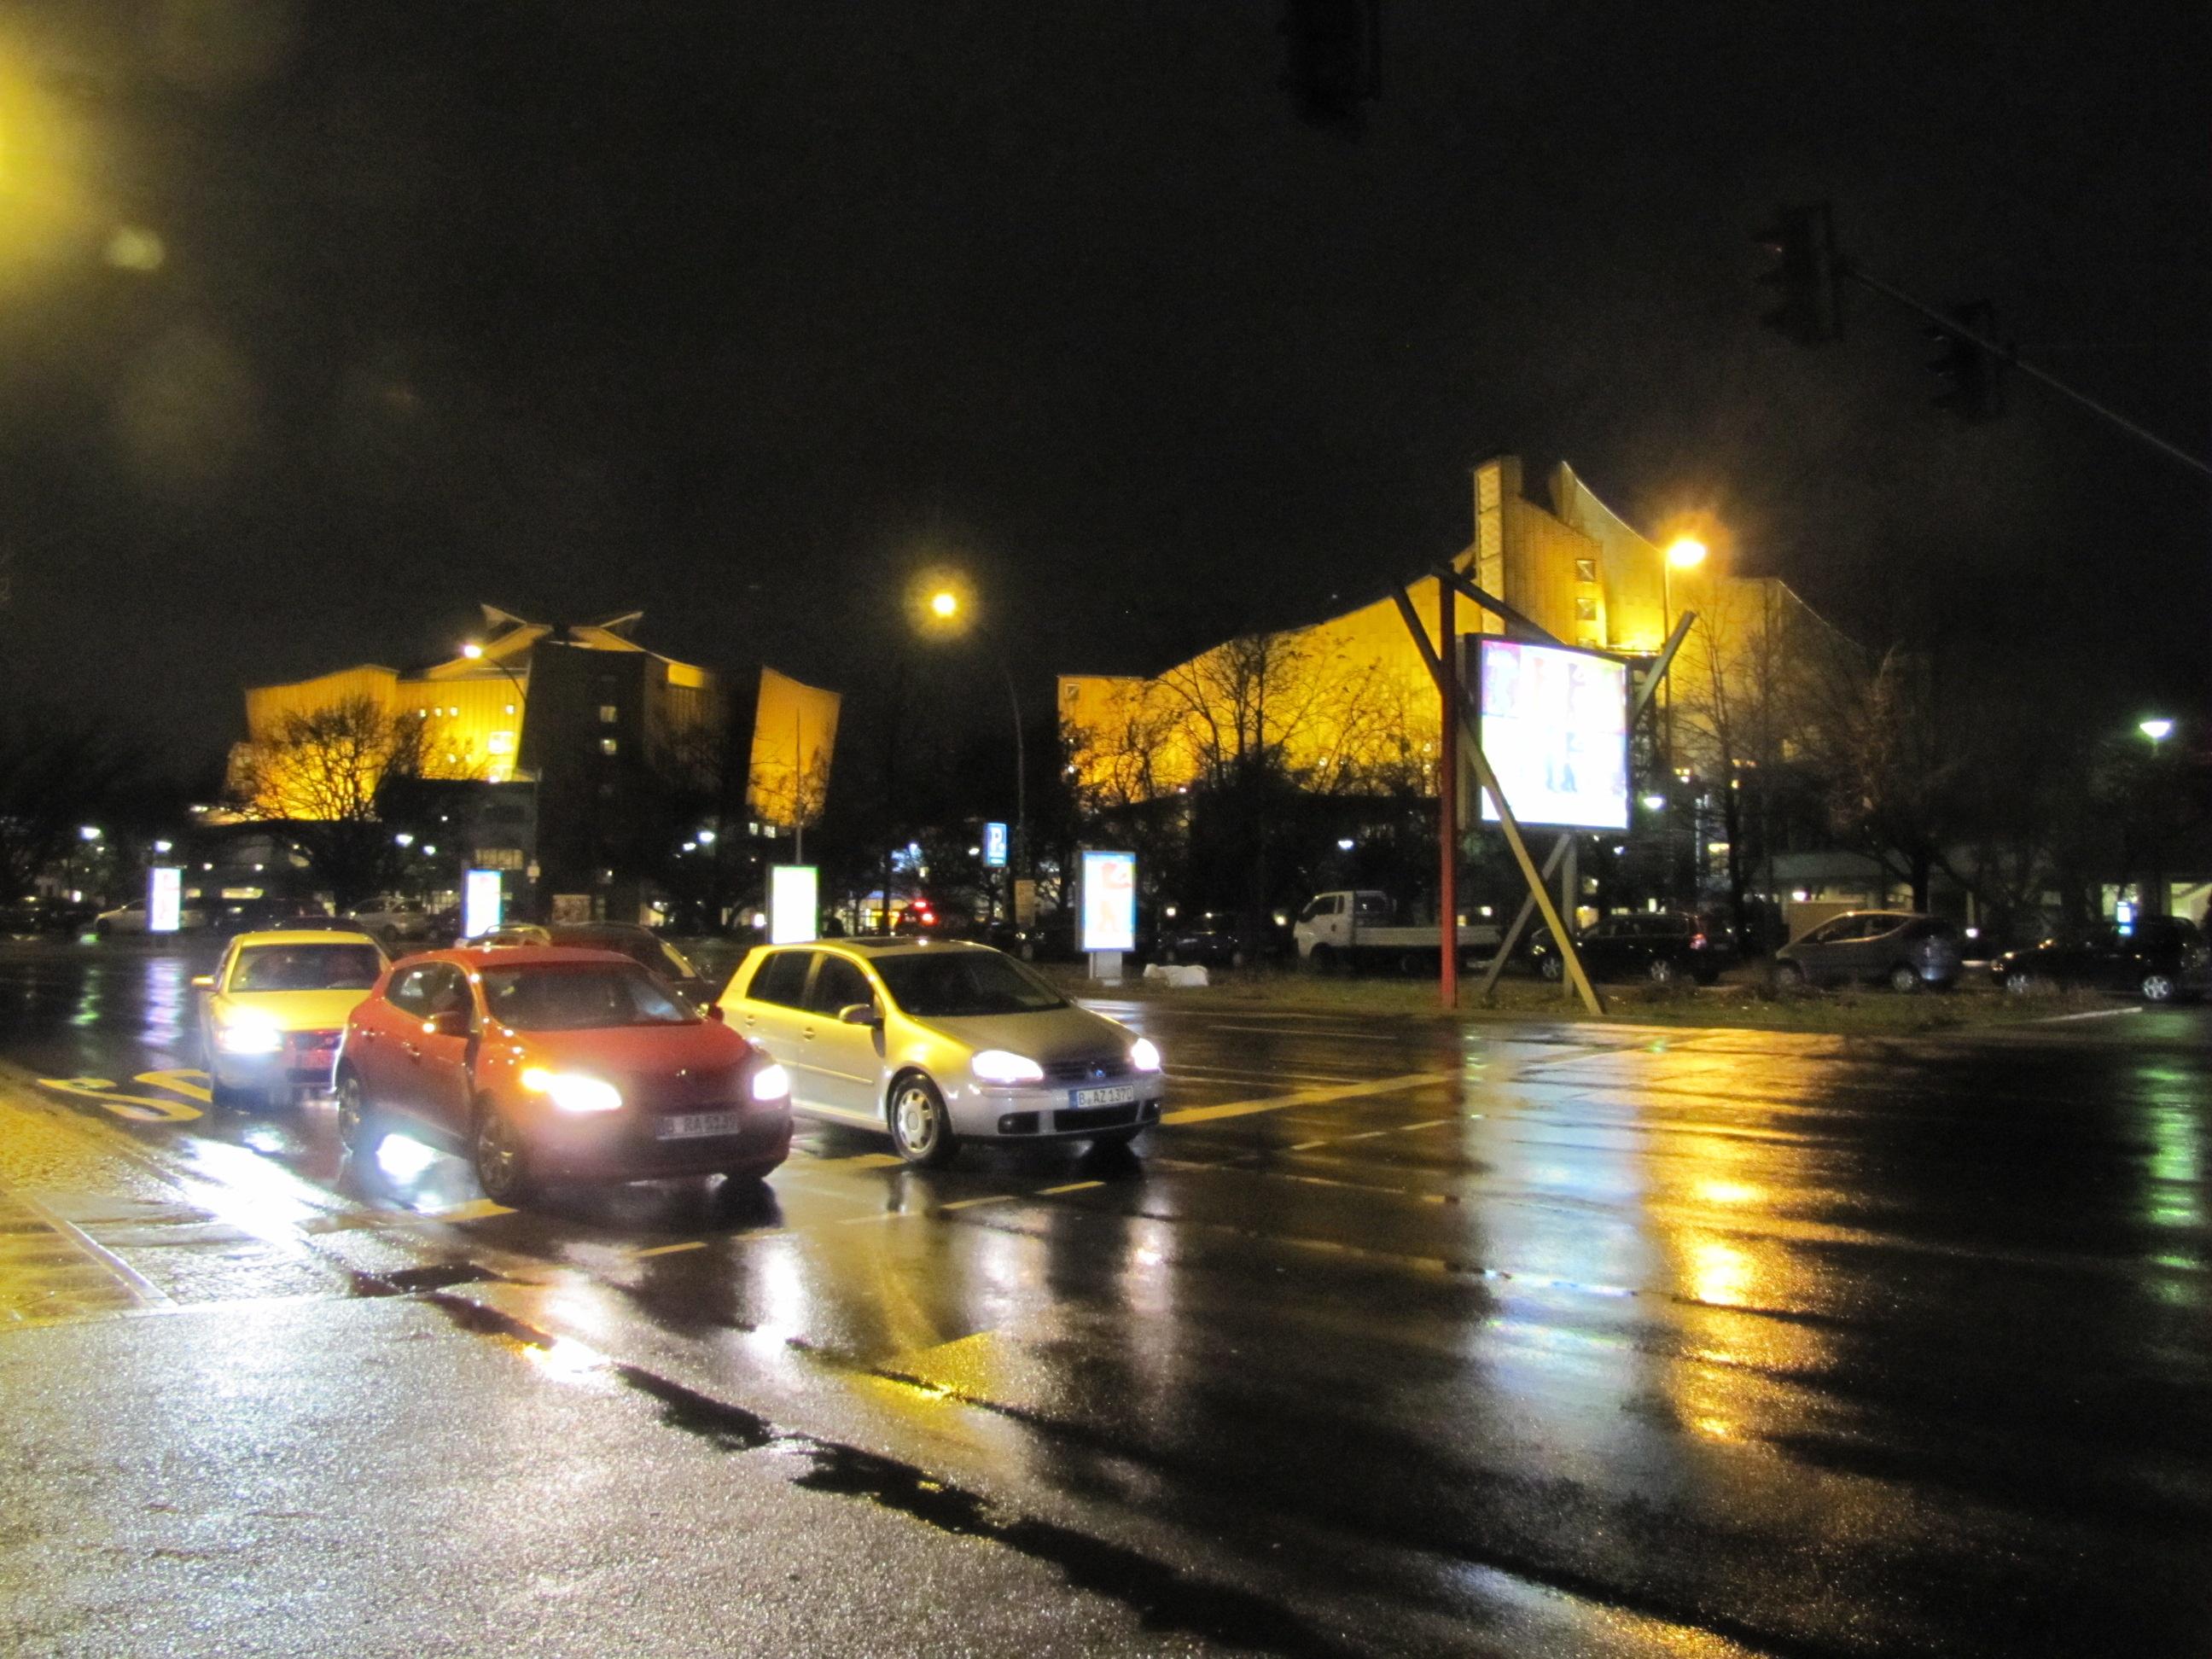 201201-베를린-베를린필하모닉